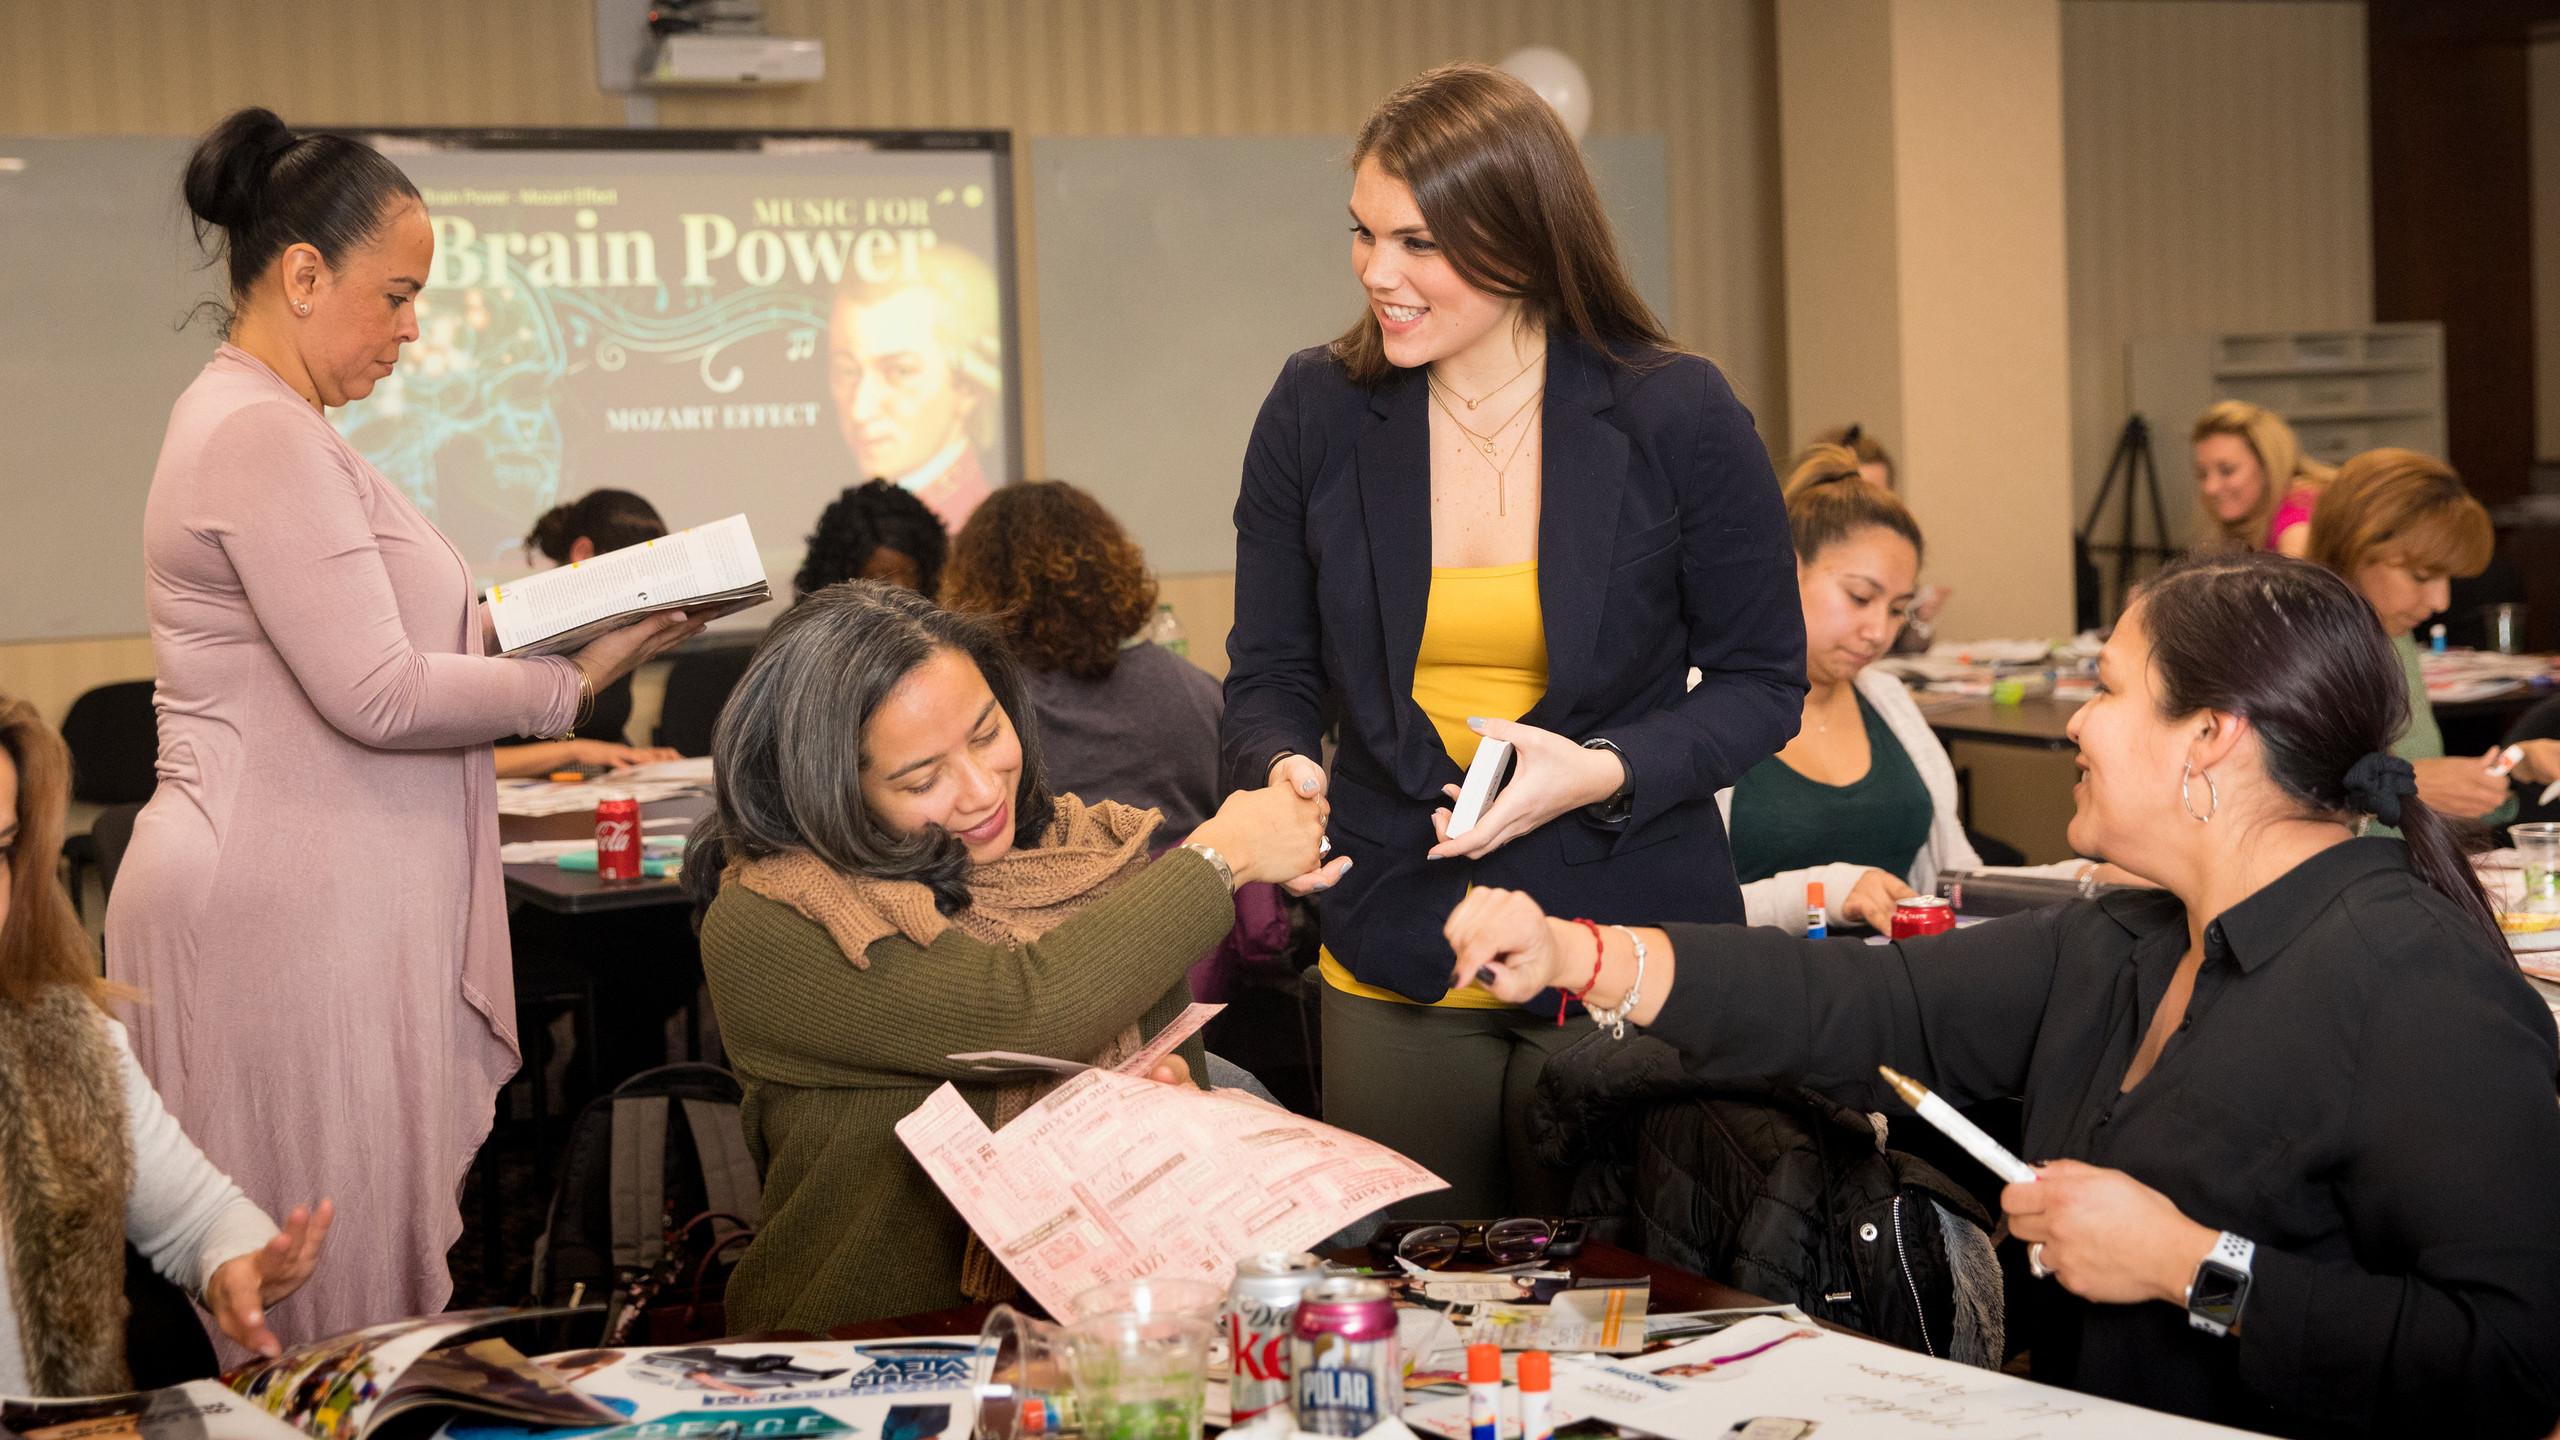 WomensempowermentGroup-103